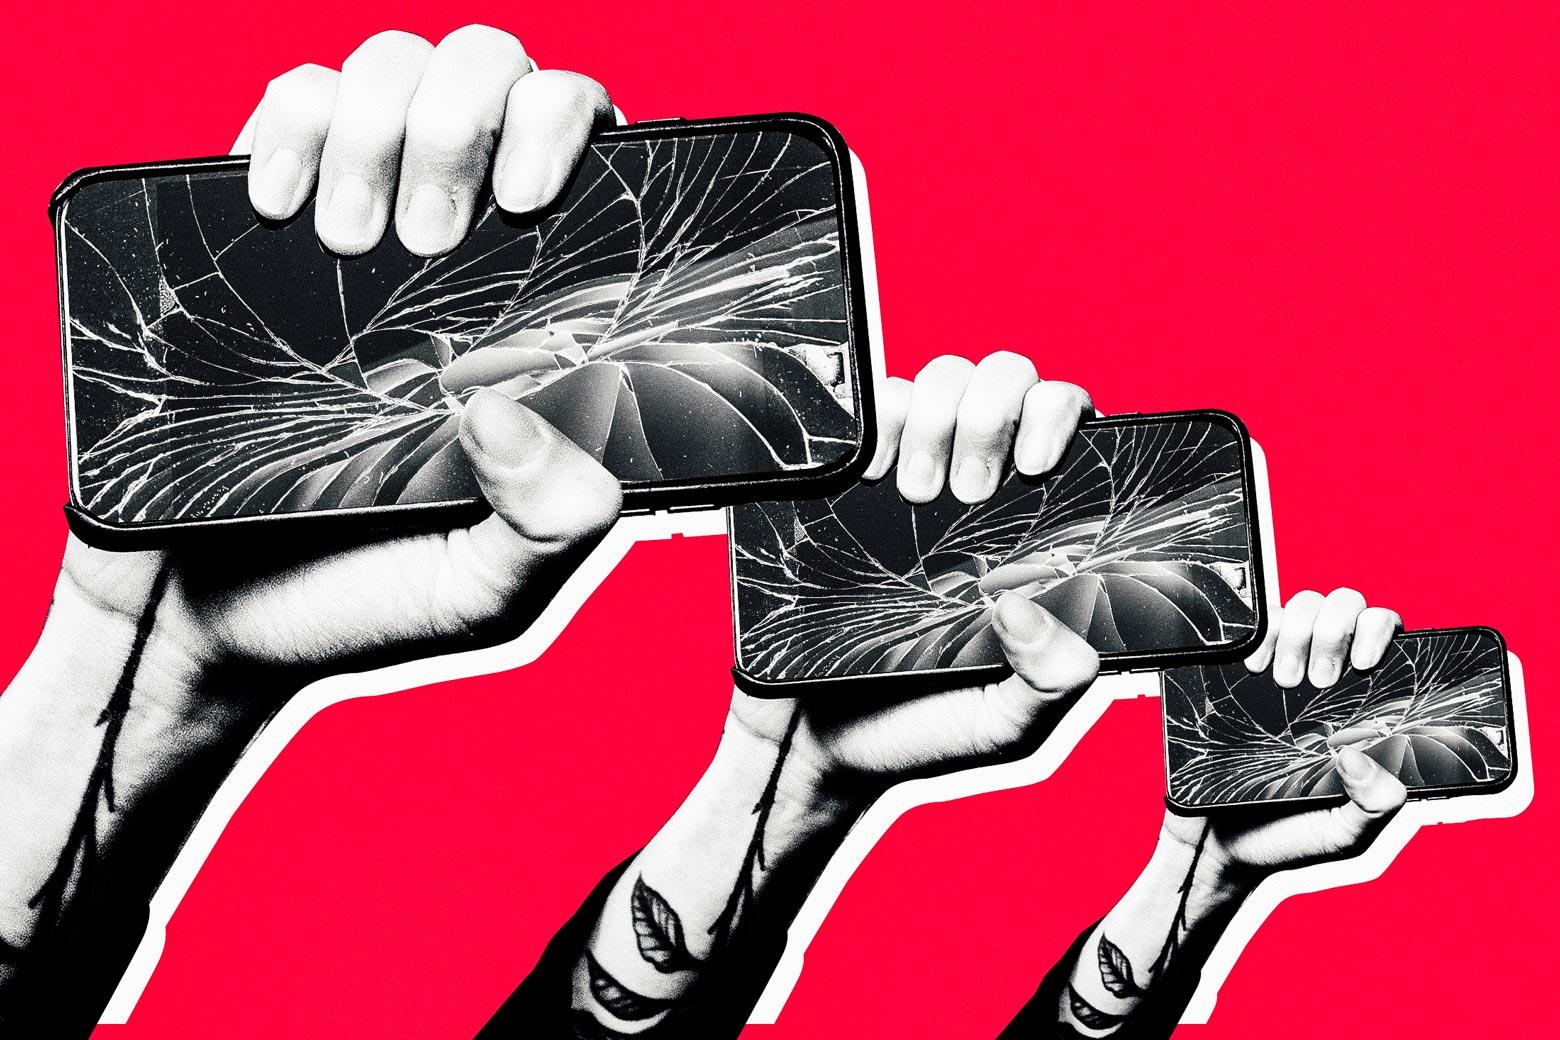 Revolutionary hands holding broken iPhones.